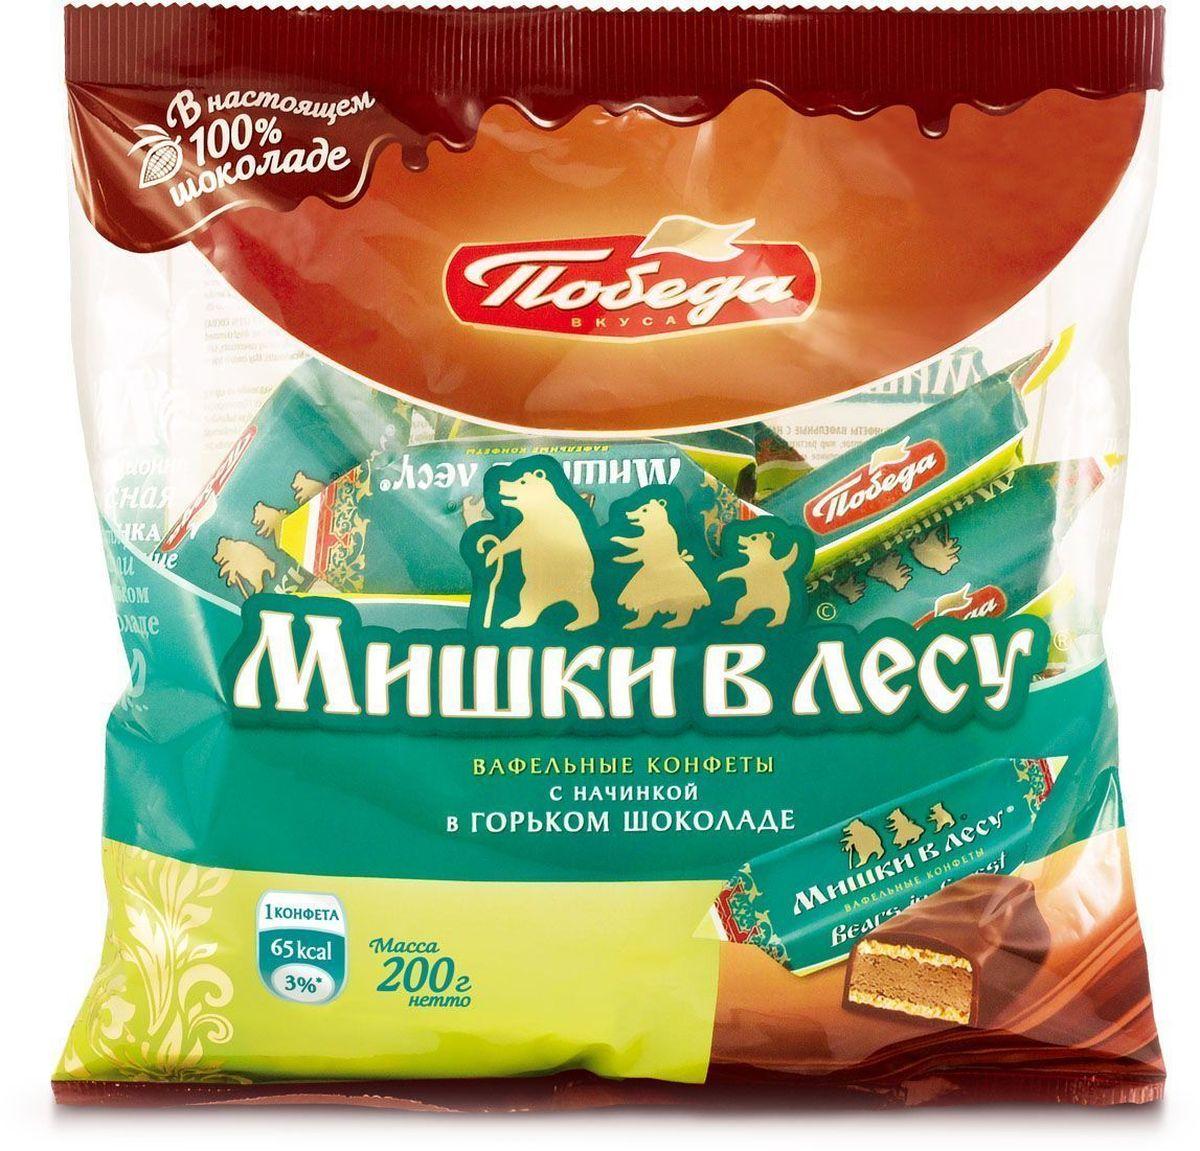 Победа вкуса Мишки в лесу вафельные конфеты с начинкой в горьком шоколаде 72%, 200 г победа вкуса мишки в лесу шоколад с молоком и вафельной крошкой 80 г